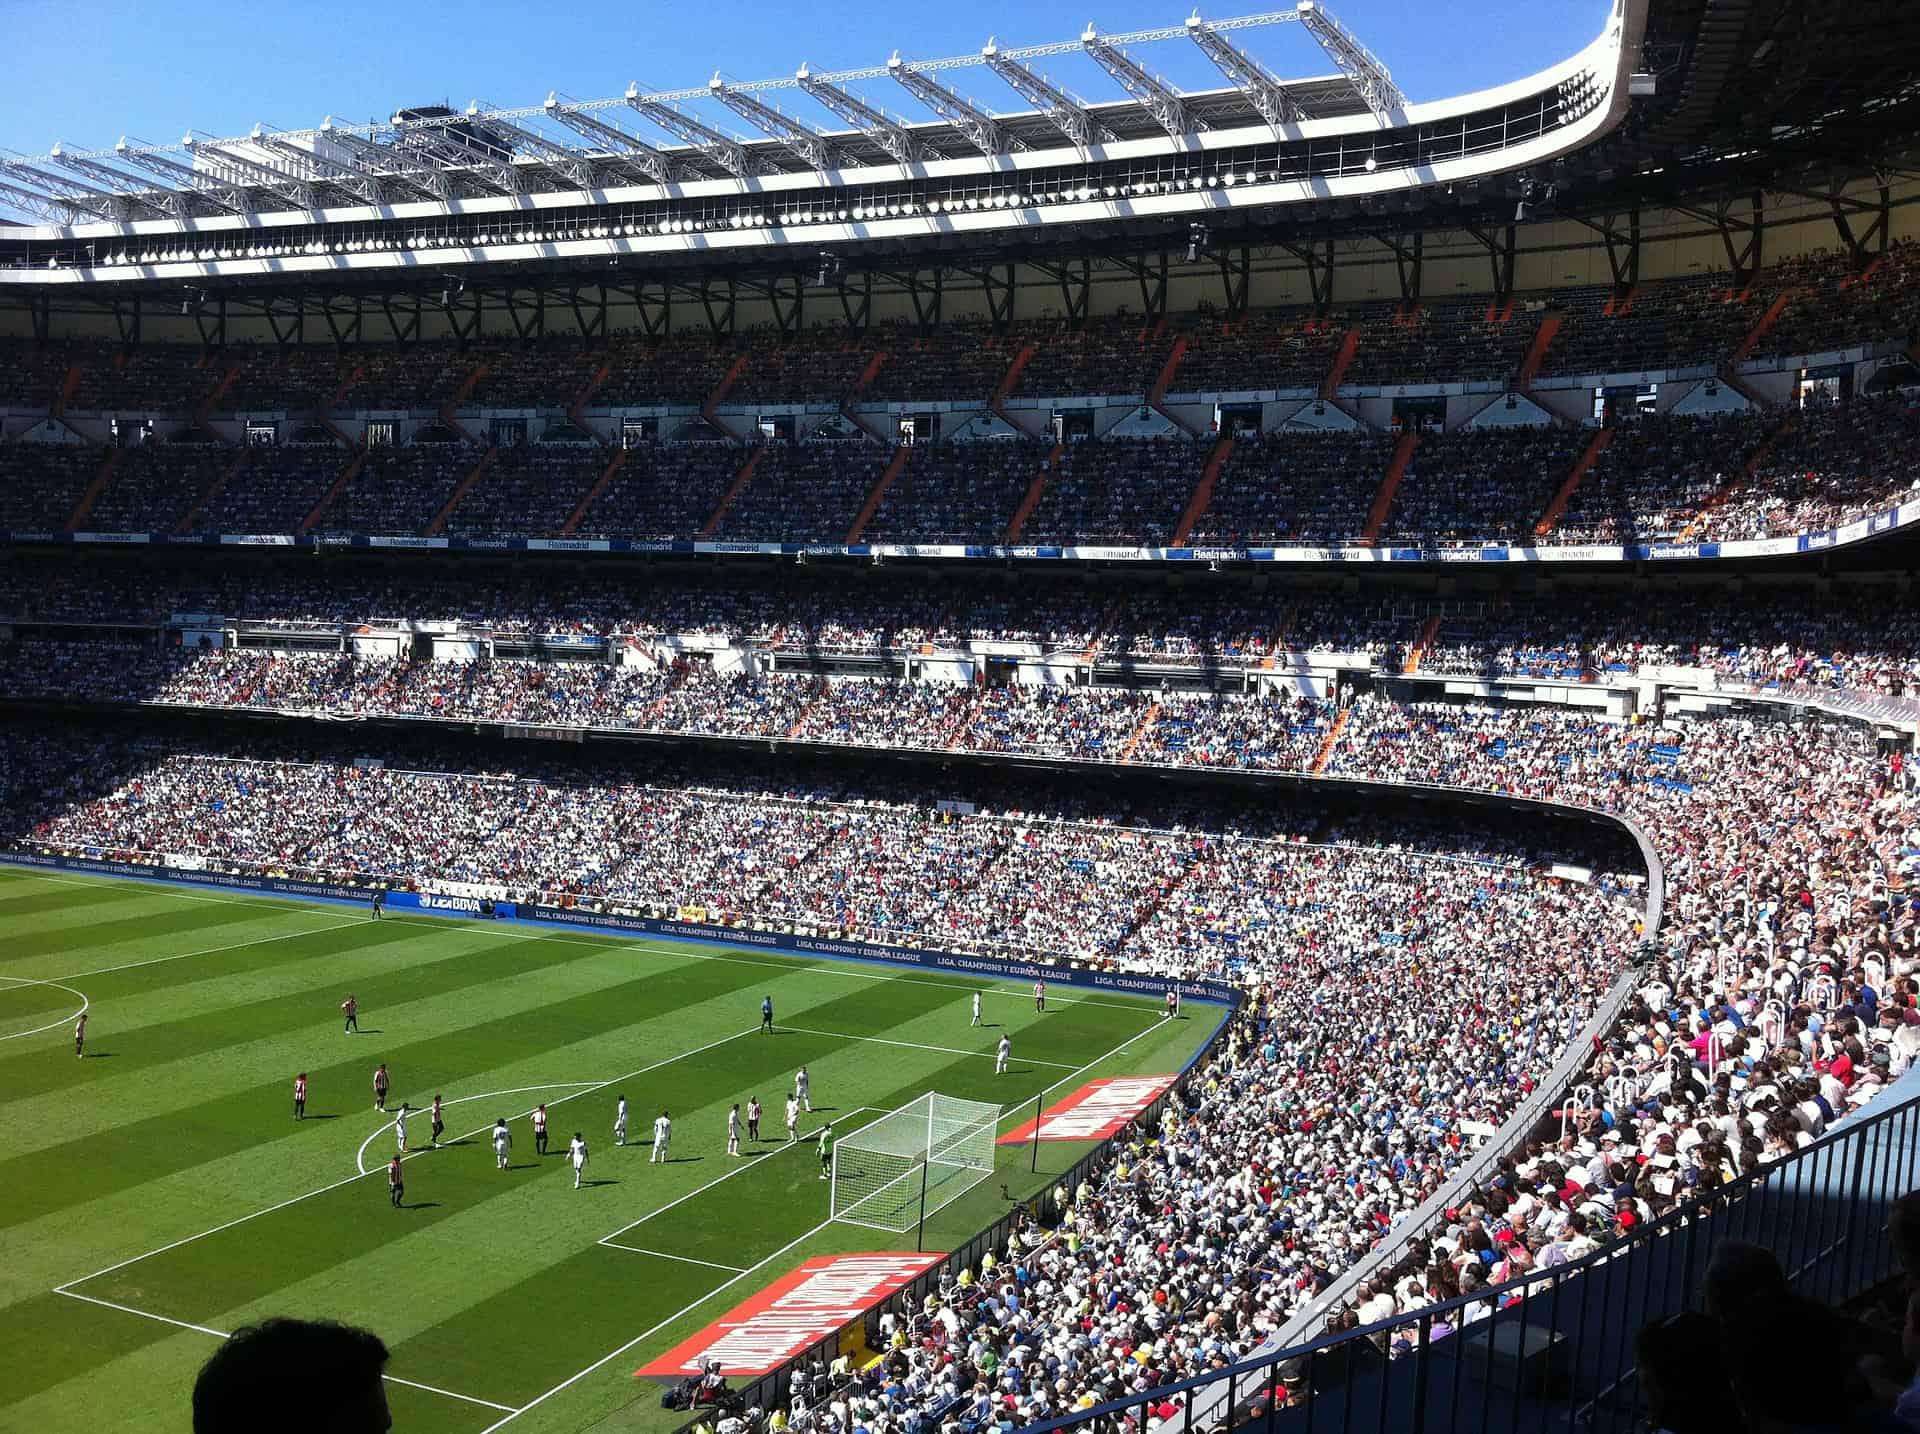 stadion Realu Madryt z zapełnioną widownią